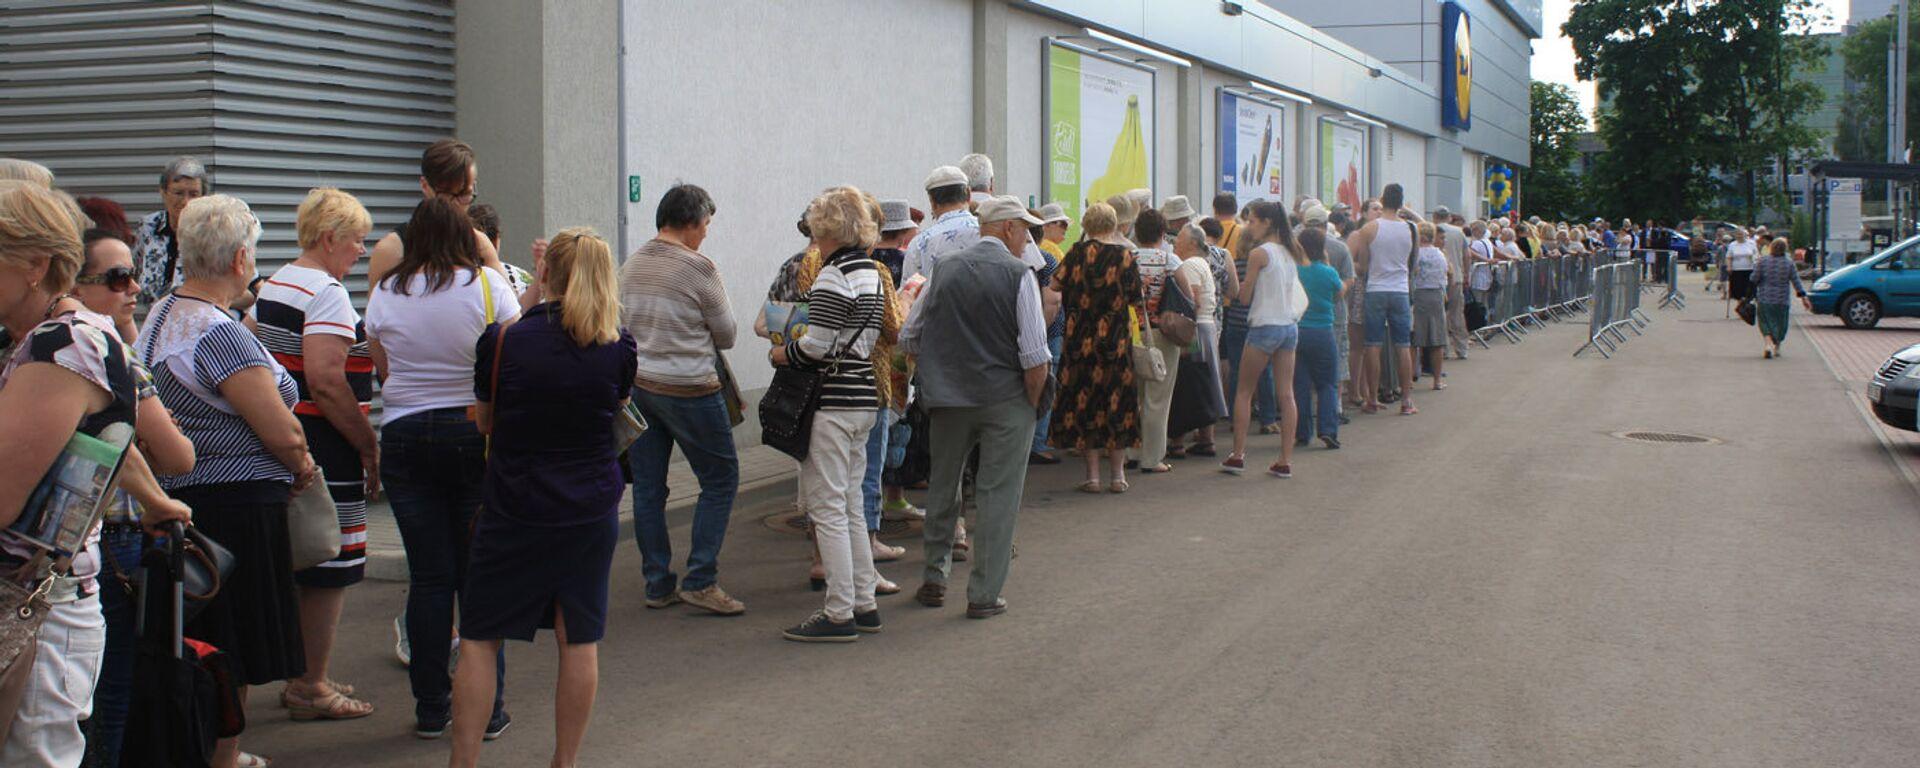 Люди занимали очередь в супермаркет с шести утра - Sputnik Латвия, 1920, 05.08.2021